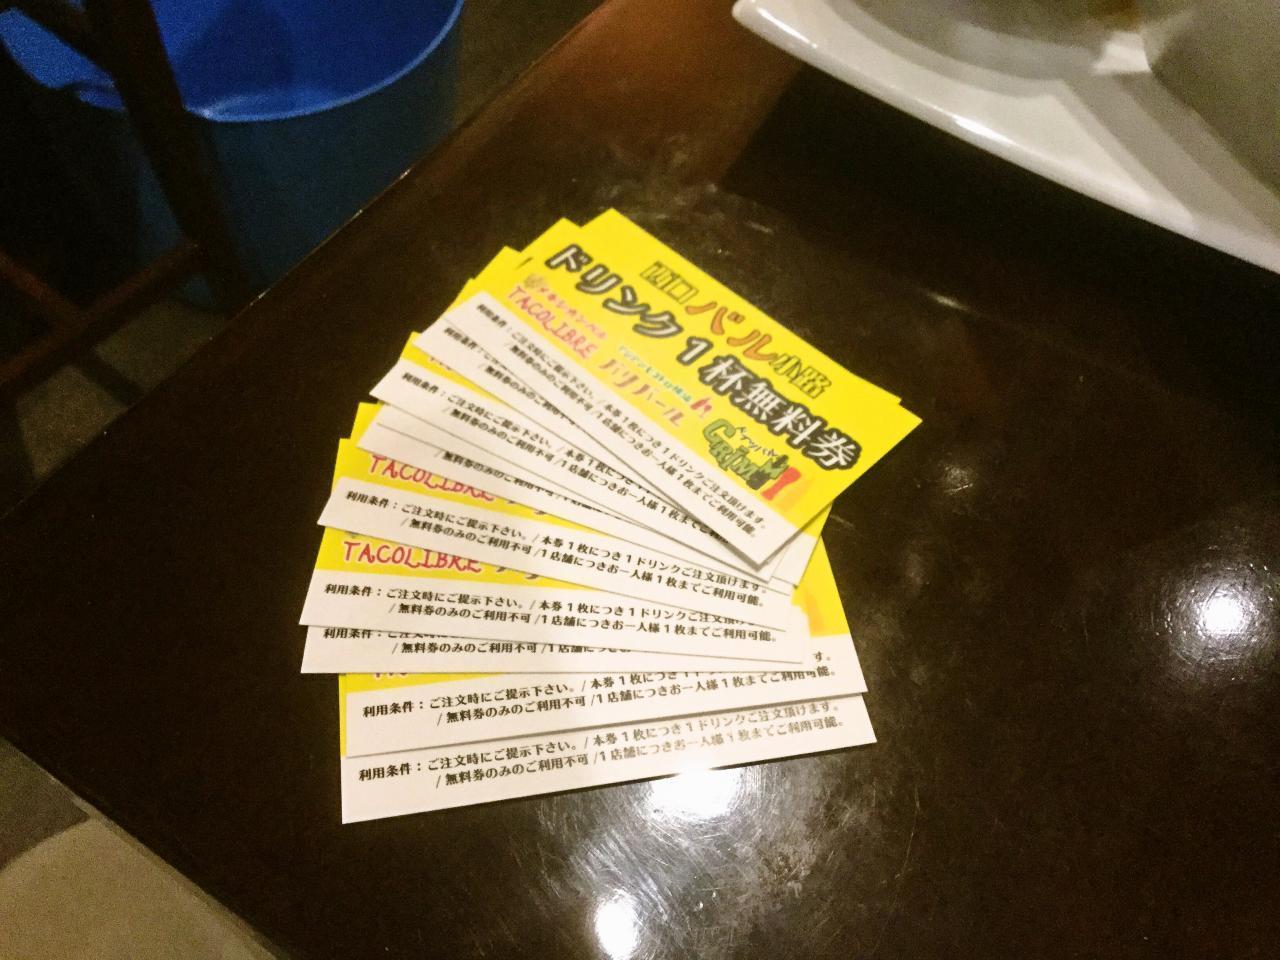 タコリブレ横浜店(チャレンジ)